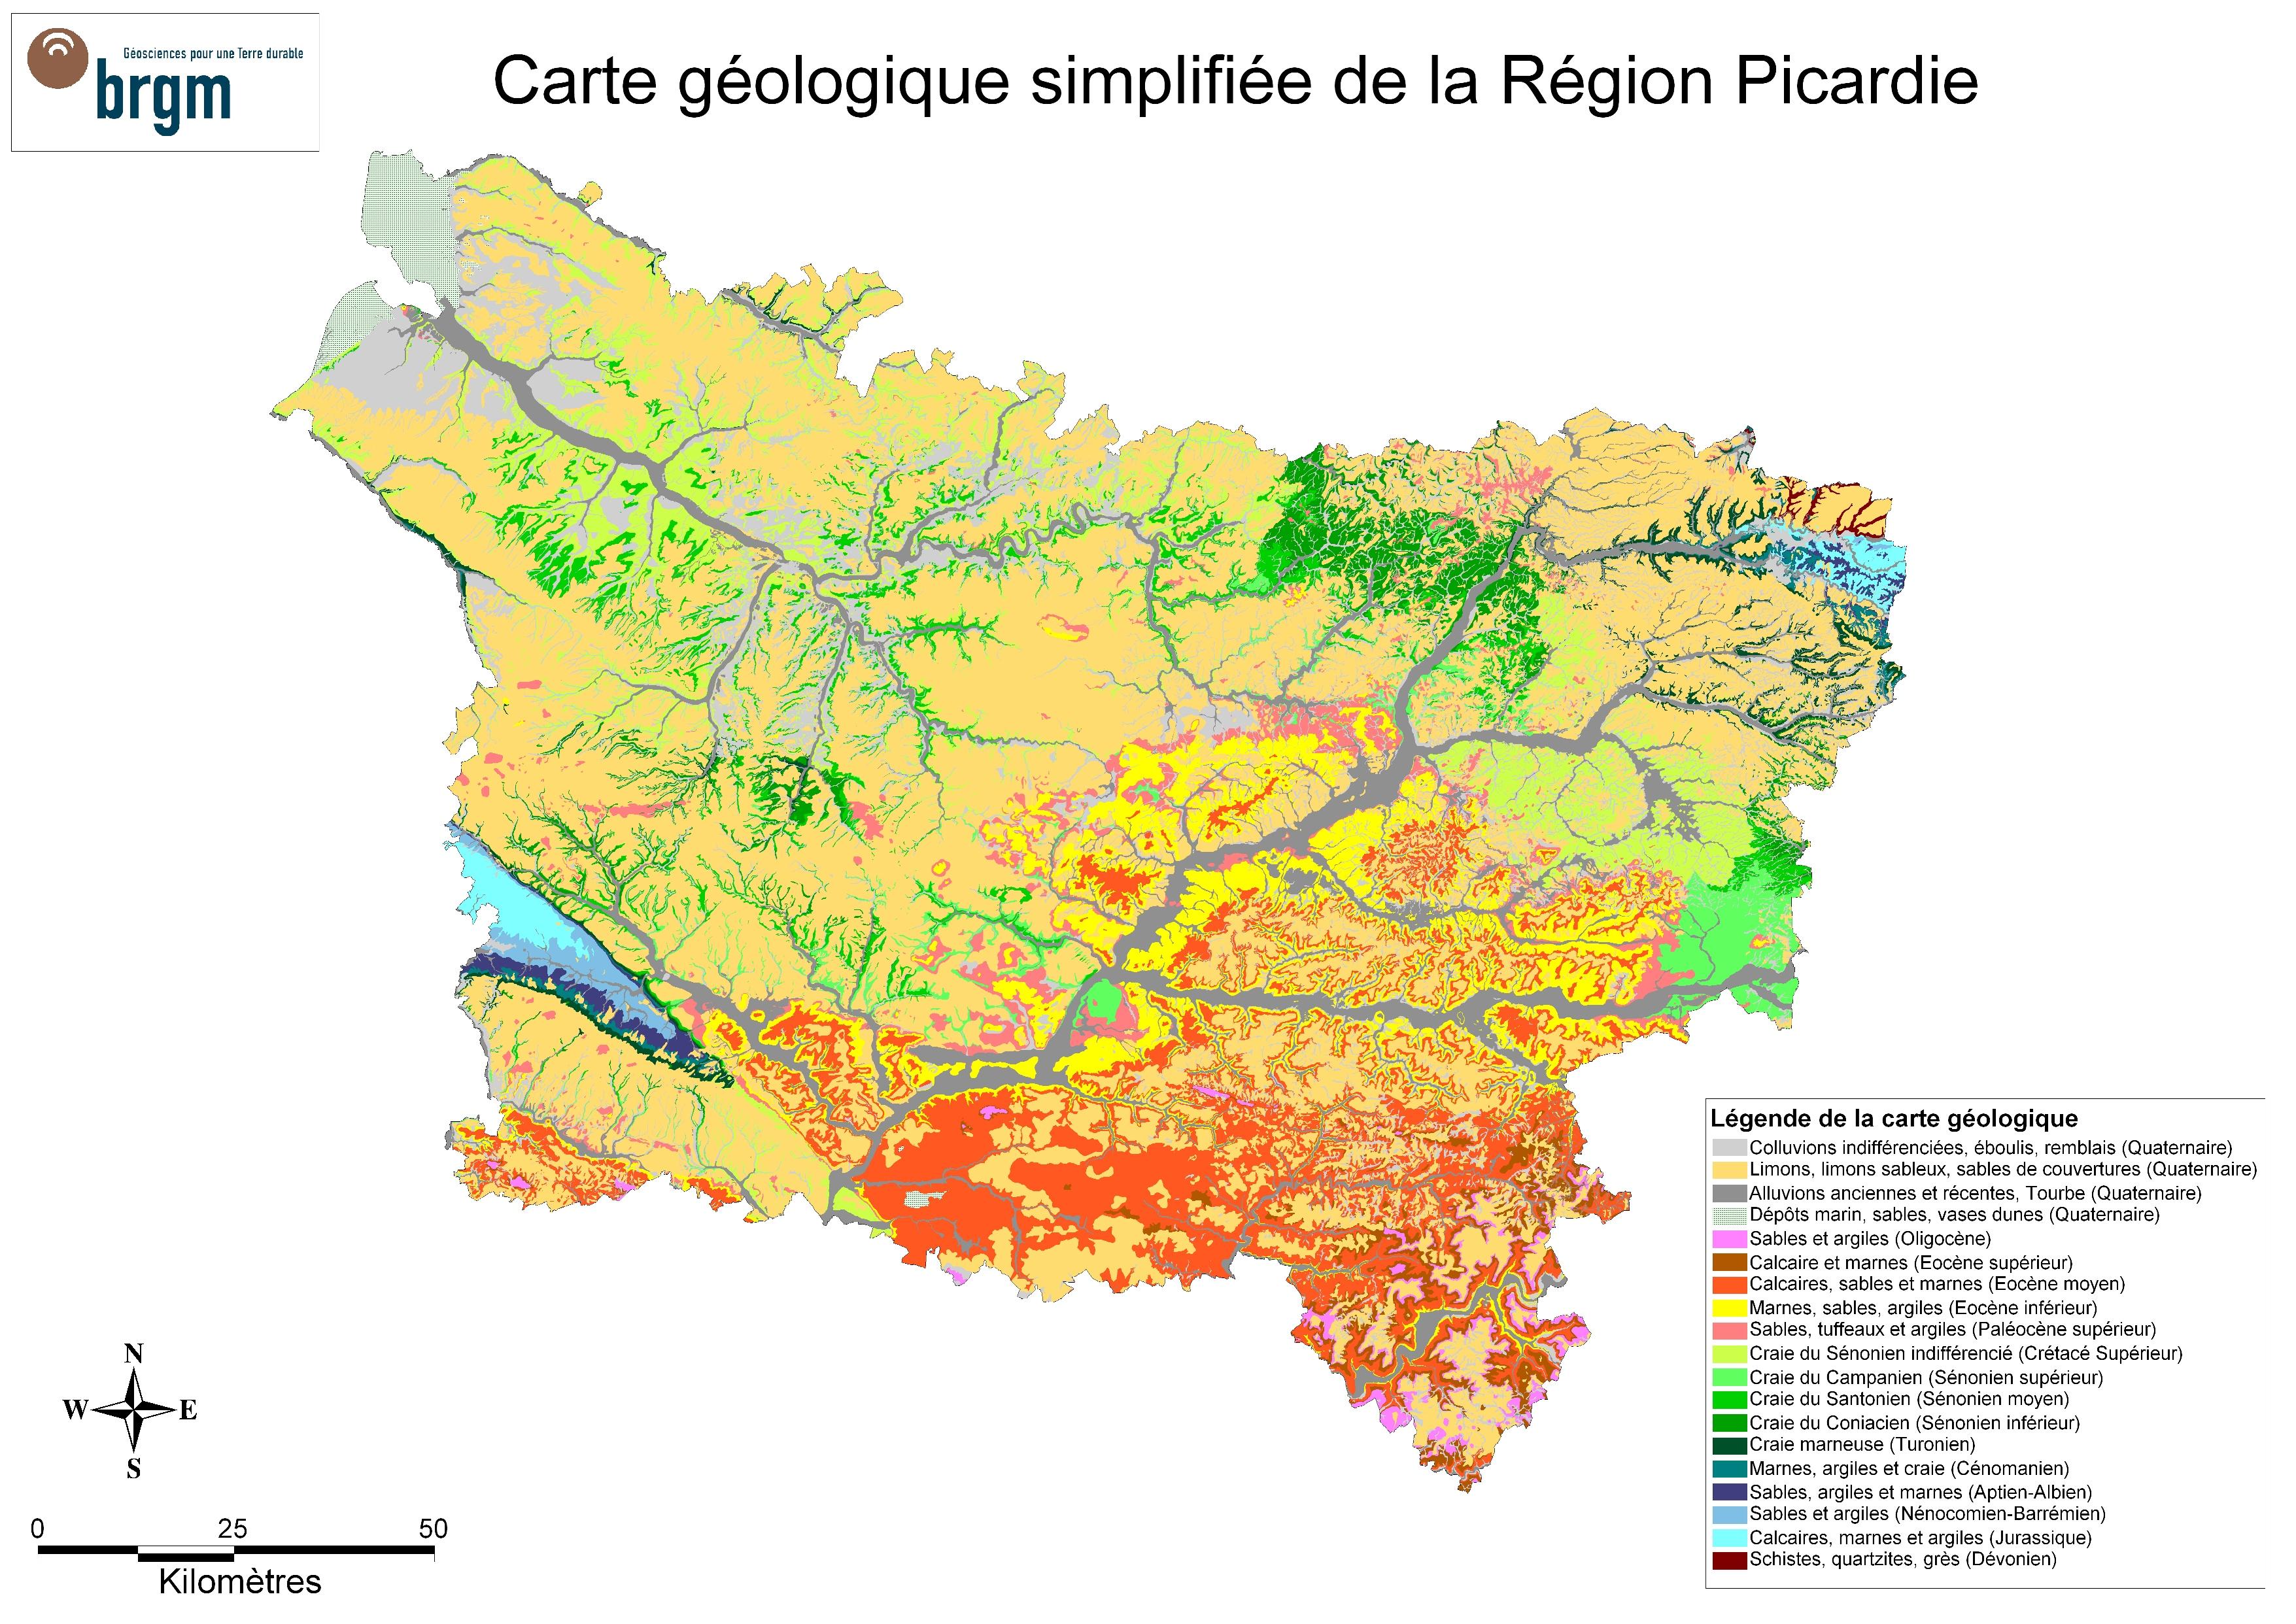 Lithothèque > Les sites géologiques en Picardie   Sciences de la Vie et de la Terre - Académie d ...